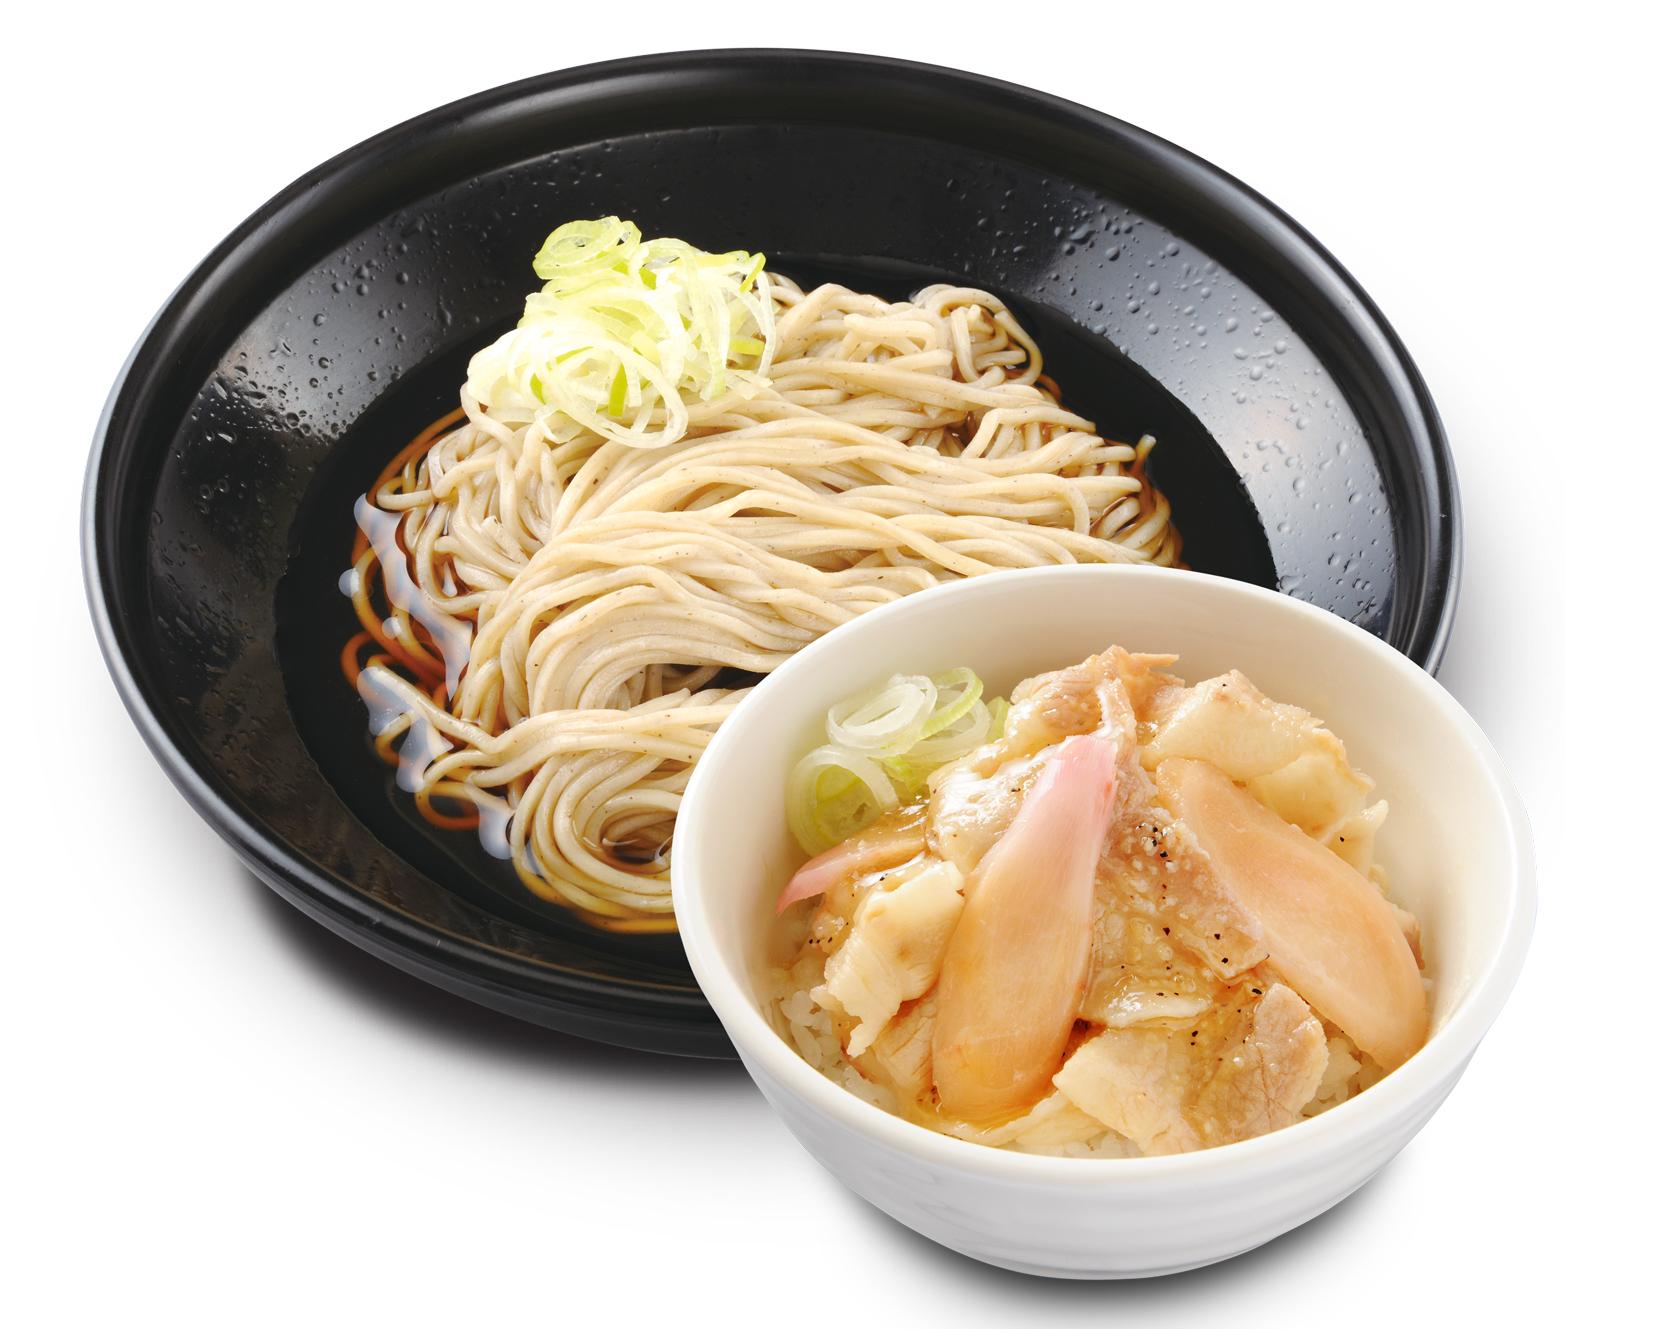 『ミニ豚丼セット 岩下の新生姜』提供イメージ